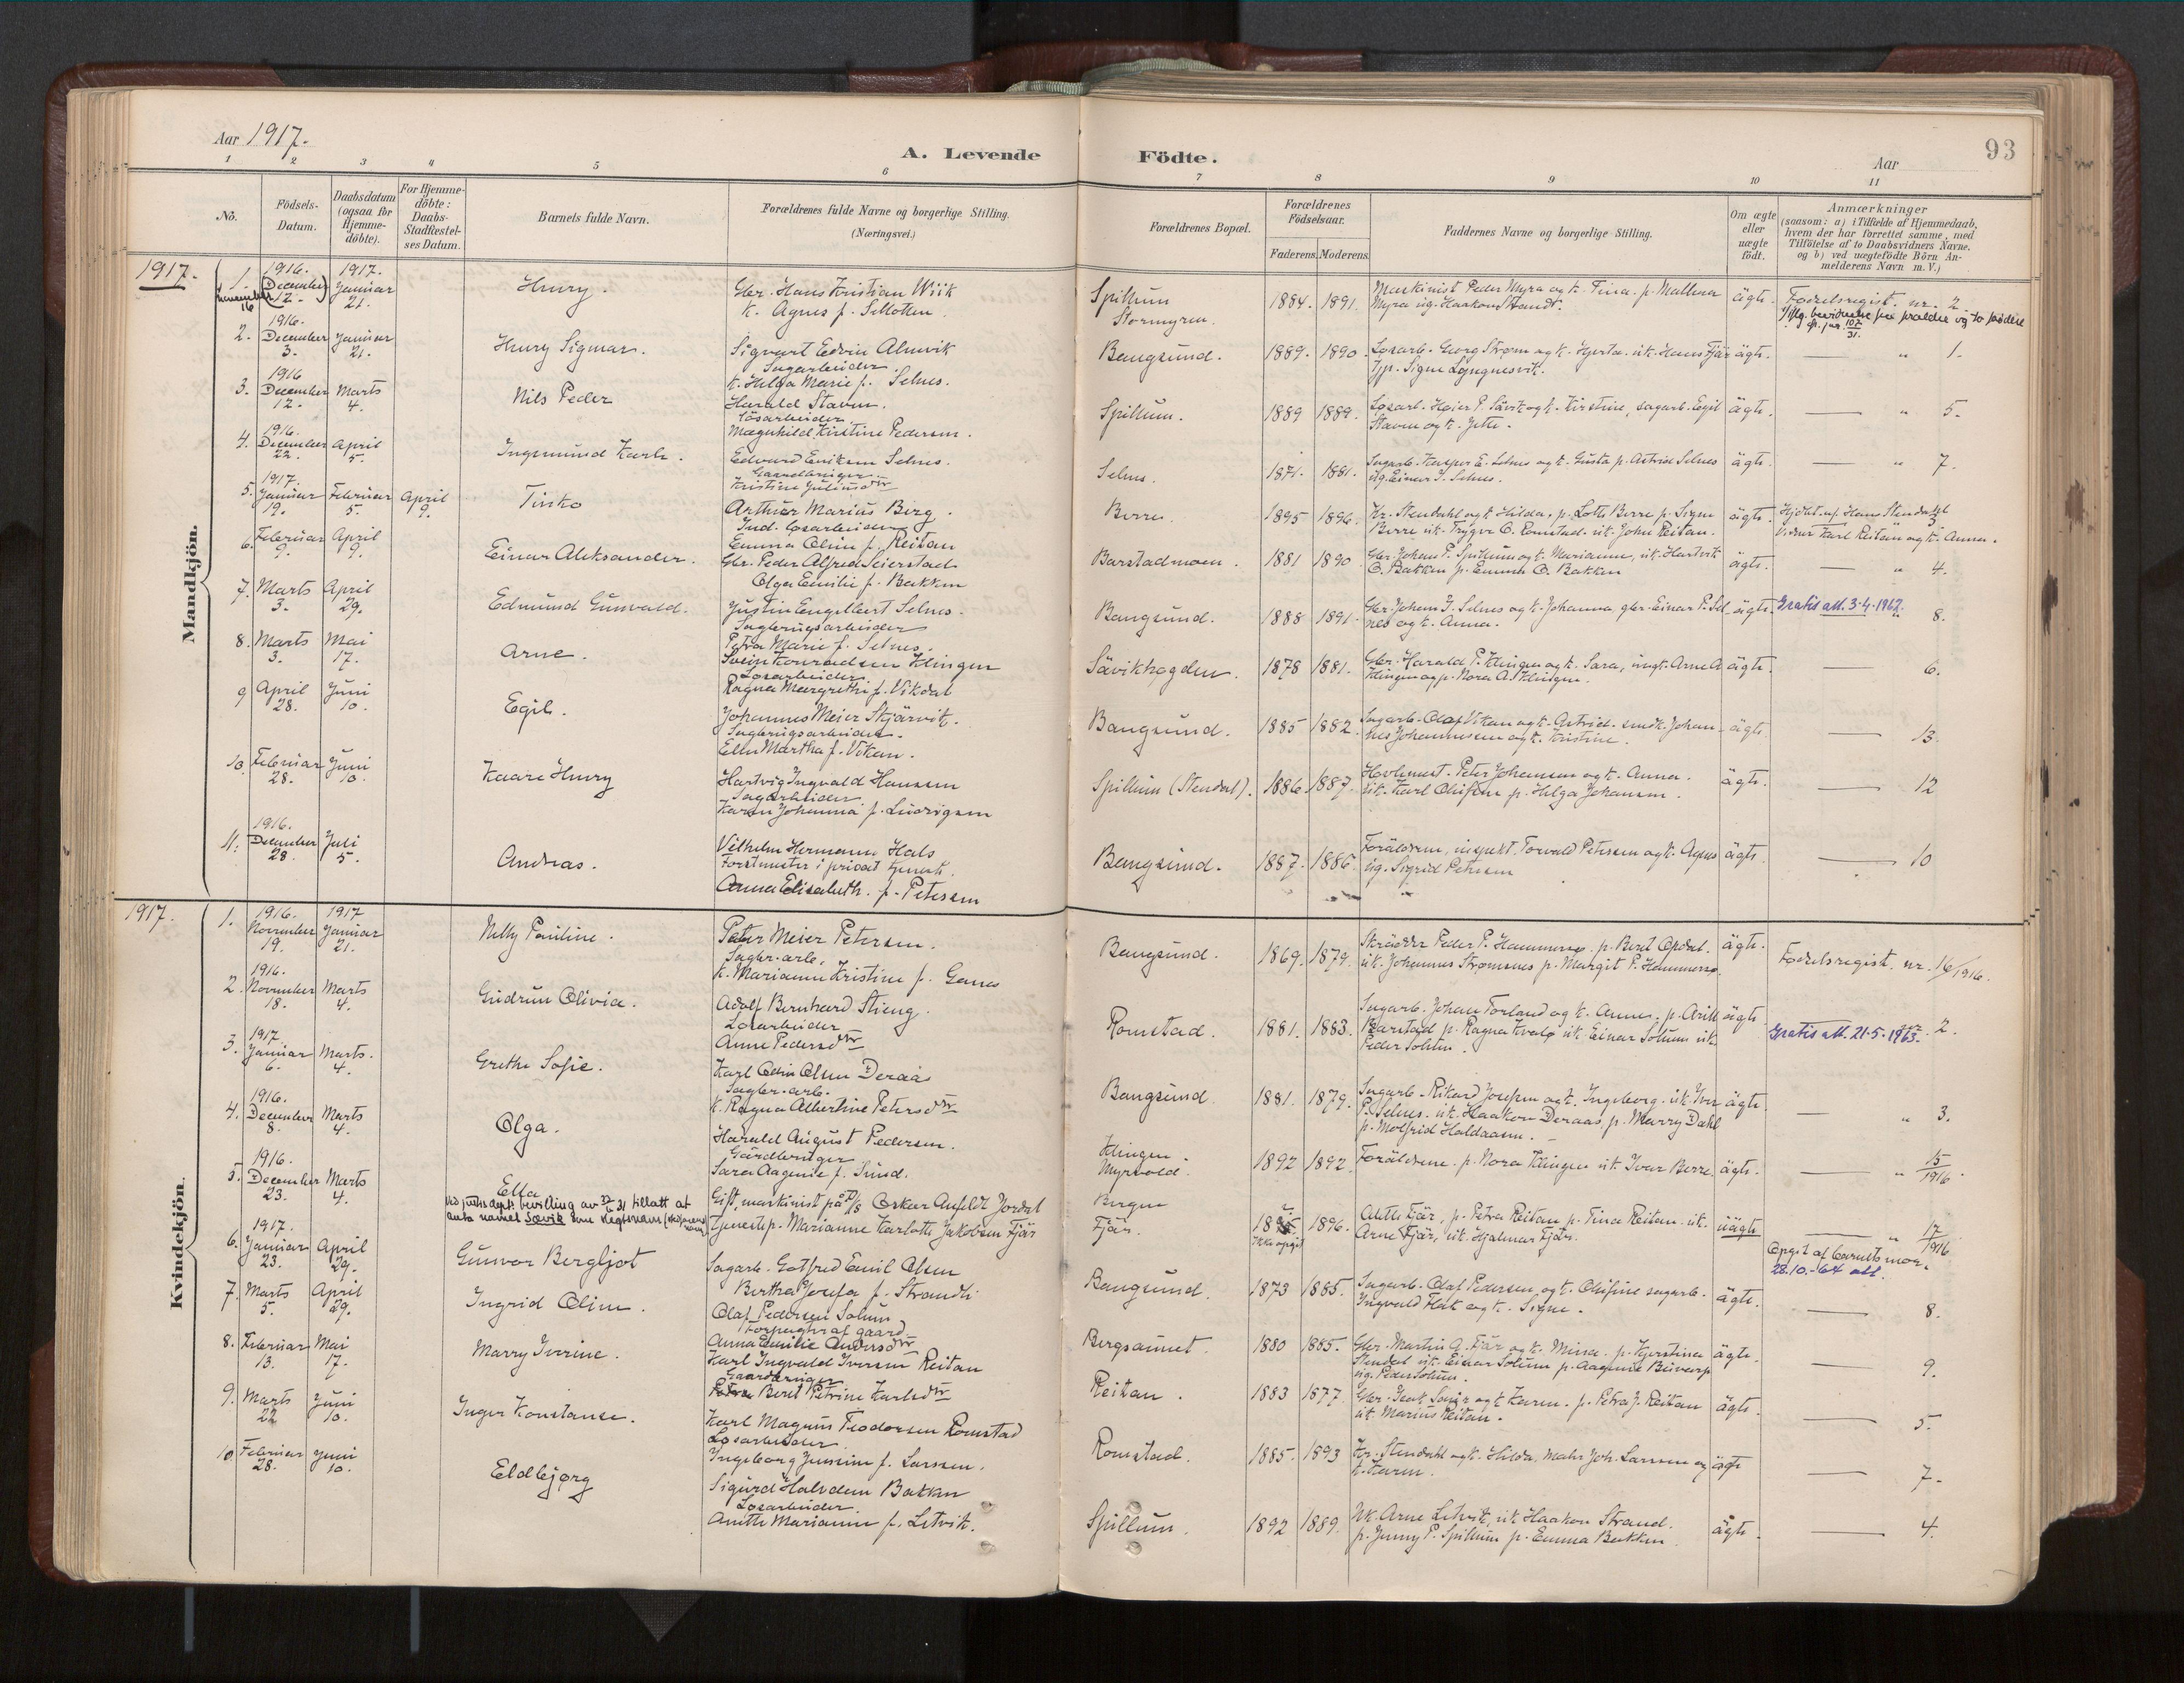 SAT, Ministerialprotokoller, klokkerbøker og fødselsregistre - Nord-Trøndelag, 770/L0589: Ministerialbok nr. 770A03, 1887-1929, s. 93